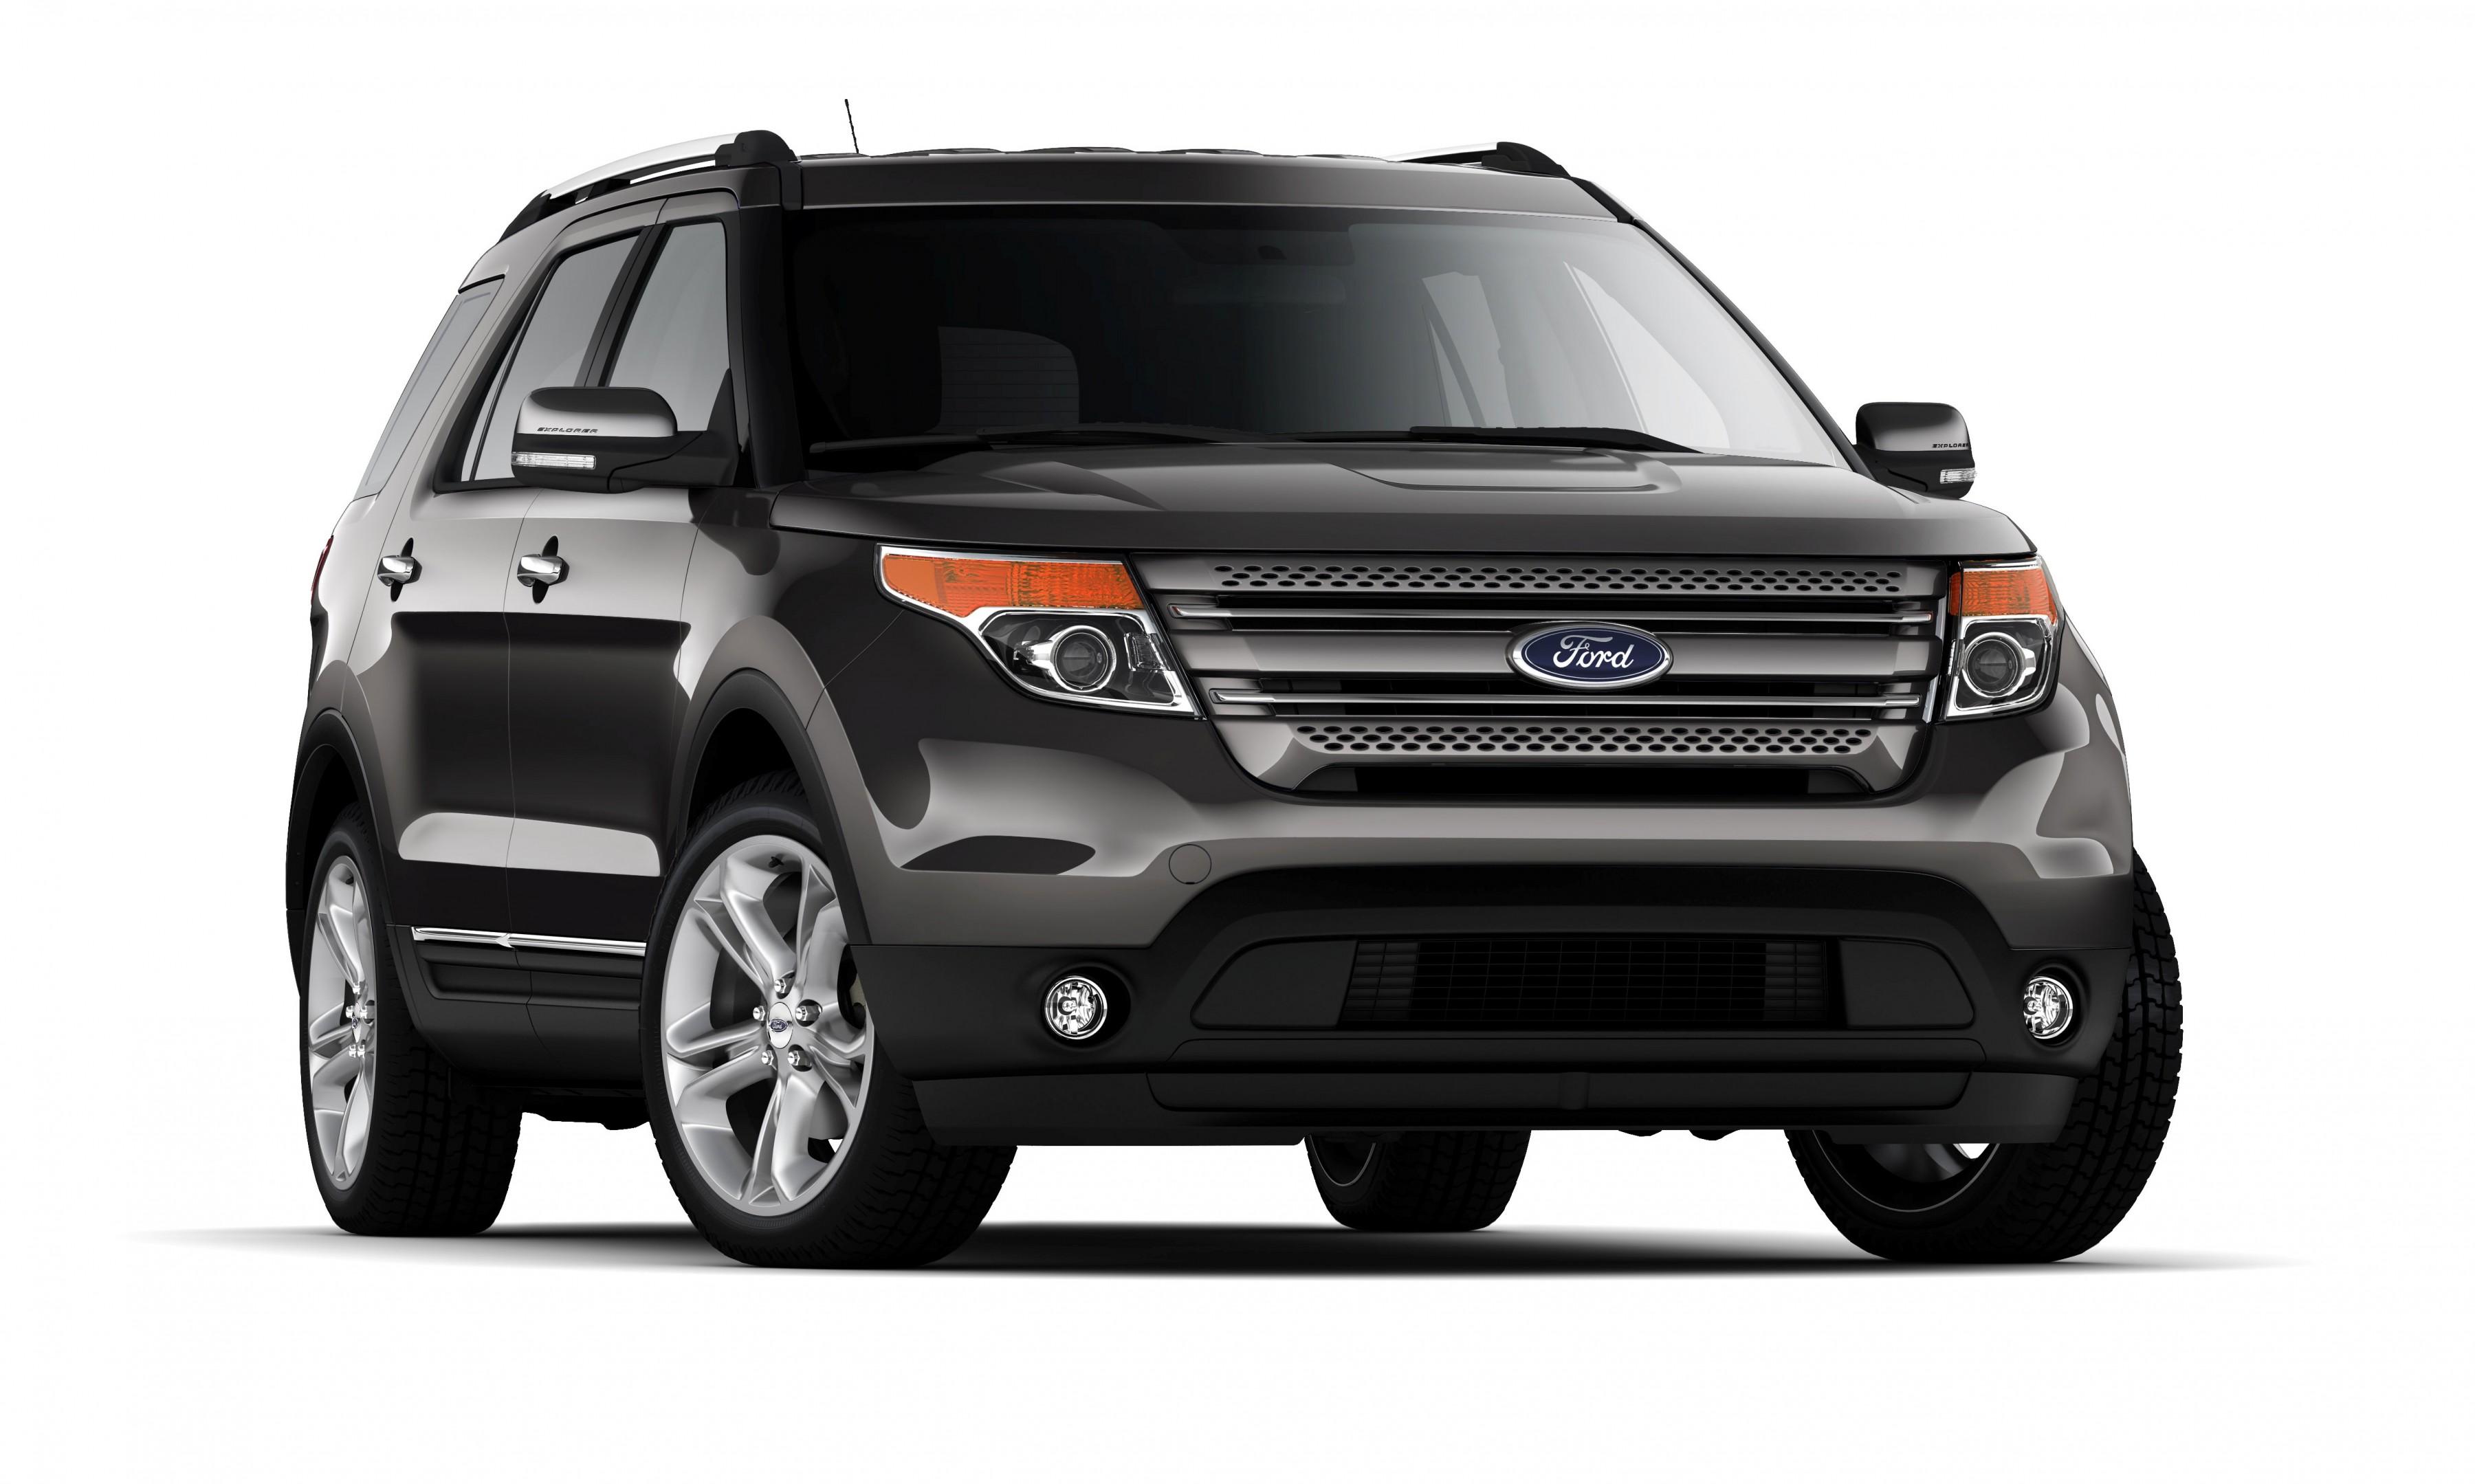 2015 ford explorer xlt appearance pack adds 2 0l turbo big wheels and dark grey black trims. Black Bedroom Furniture Sets. Home Design Ideas